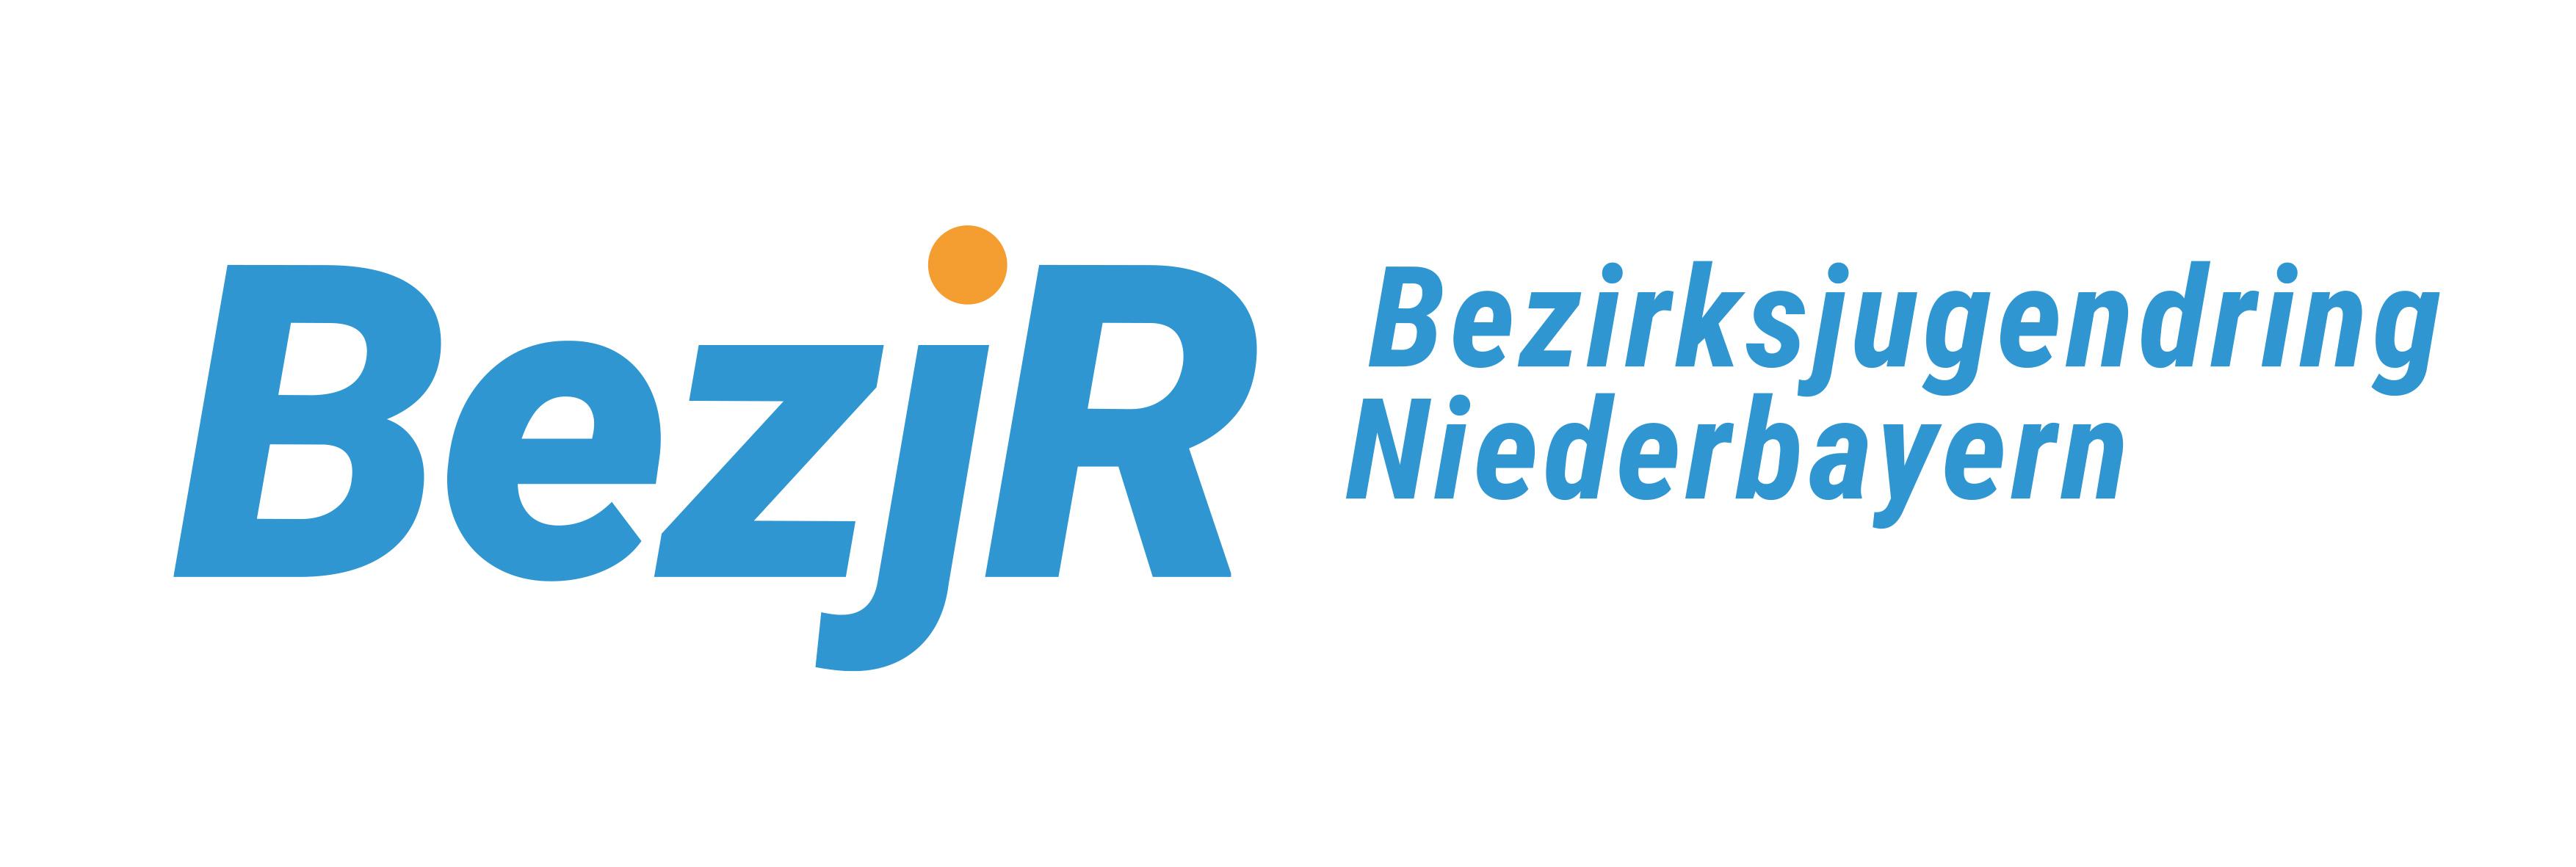 BezJR-Ndb2016